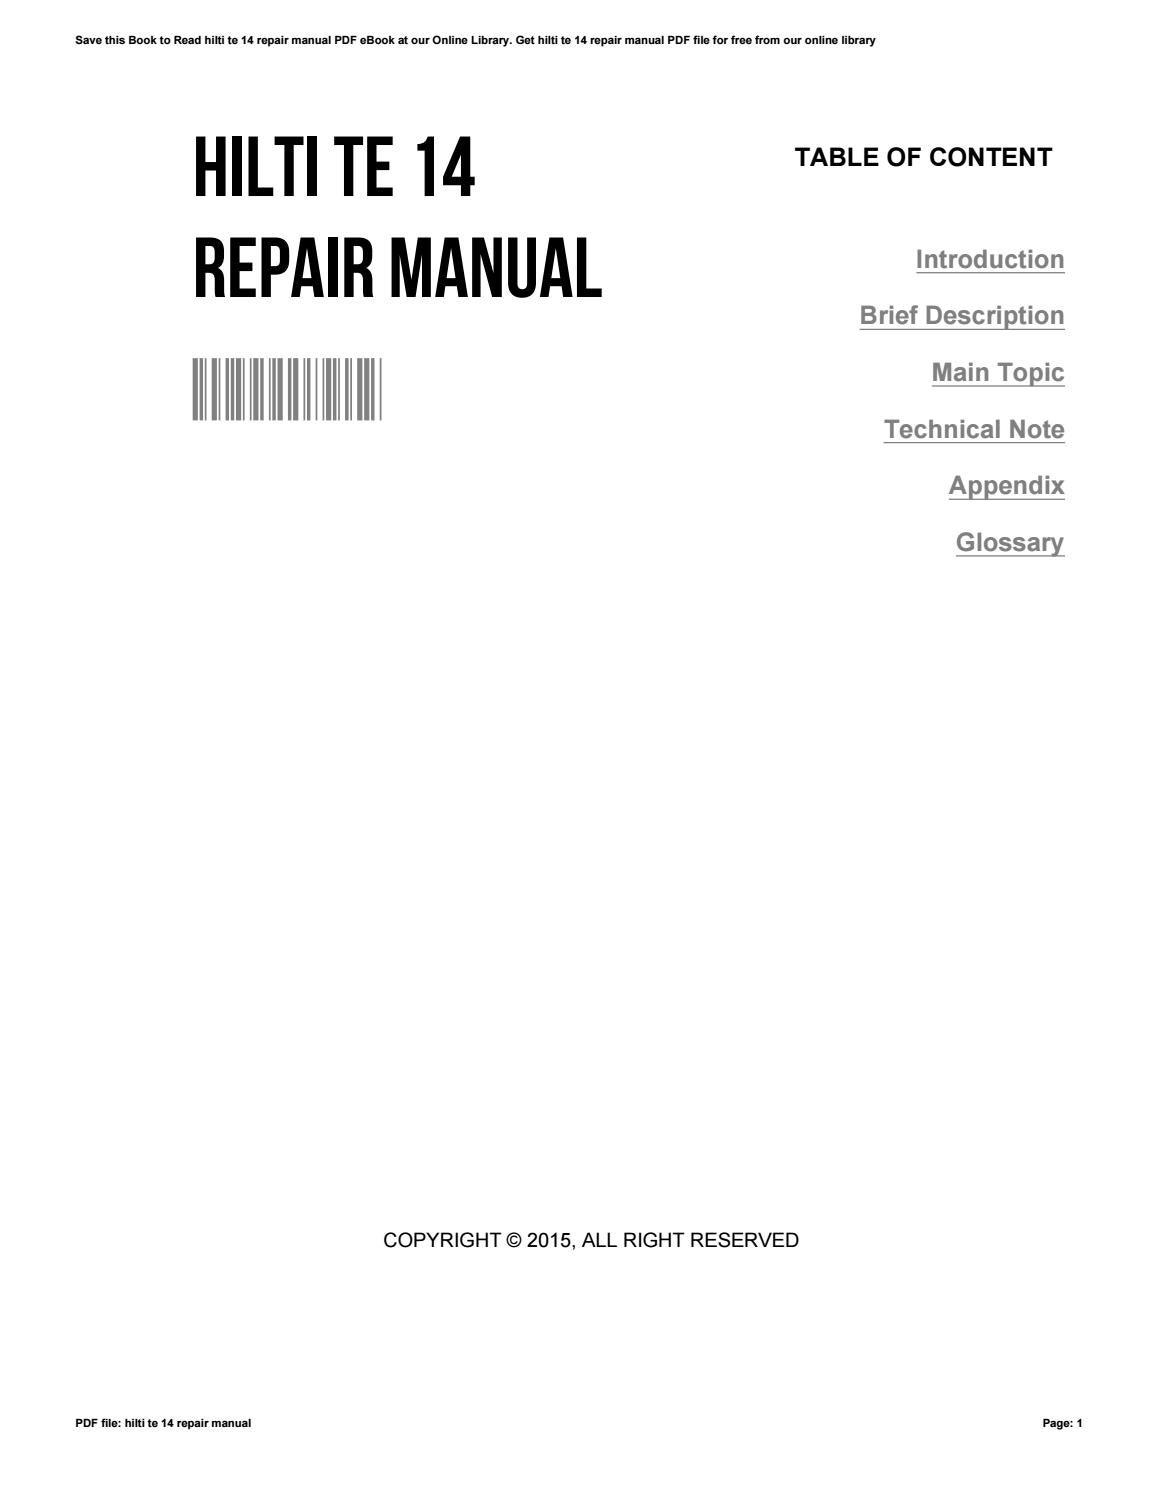 hilti te 54 service manuals